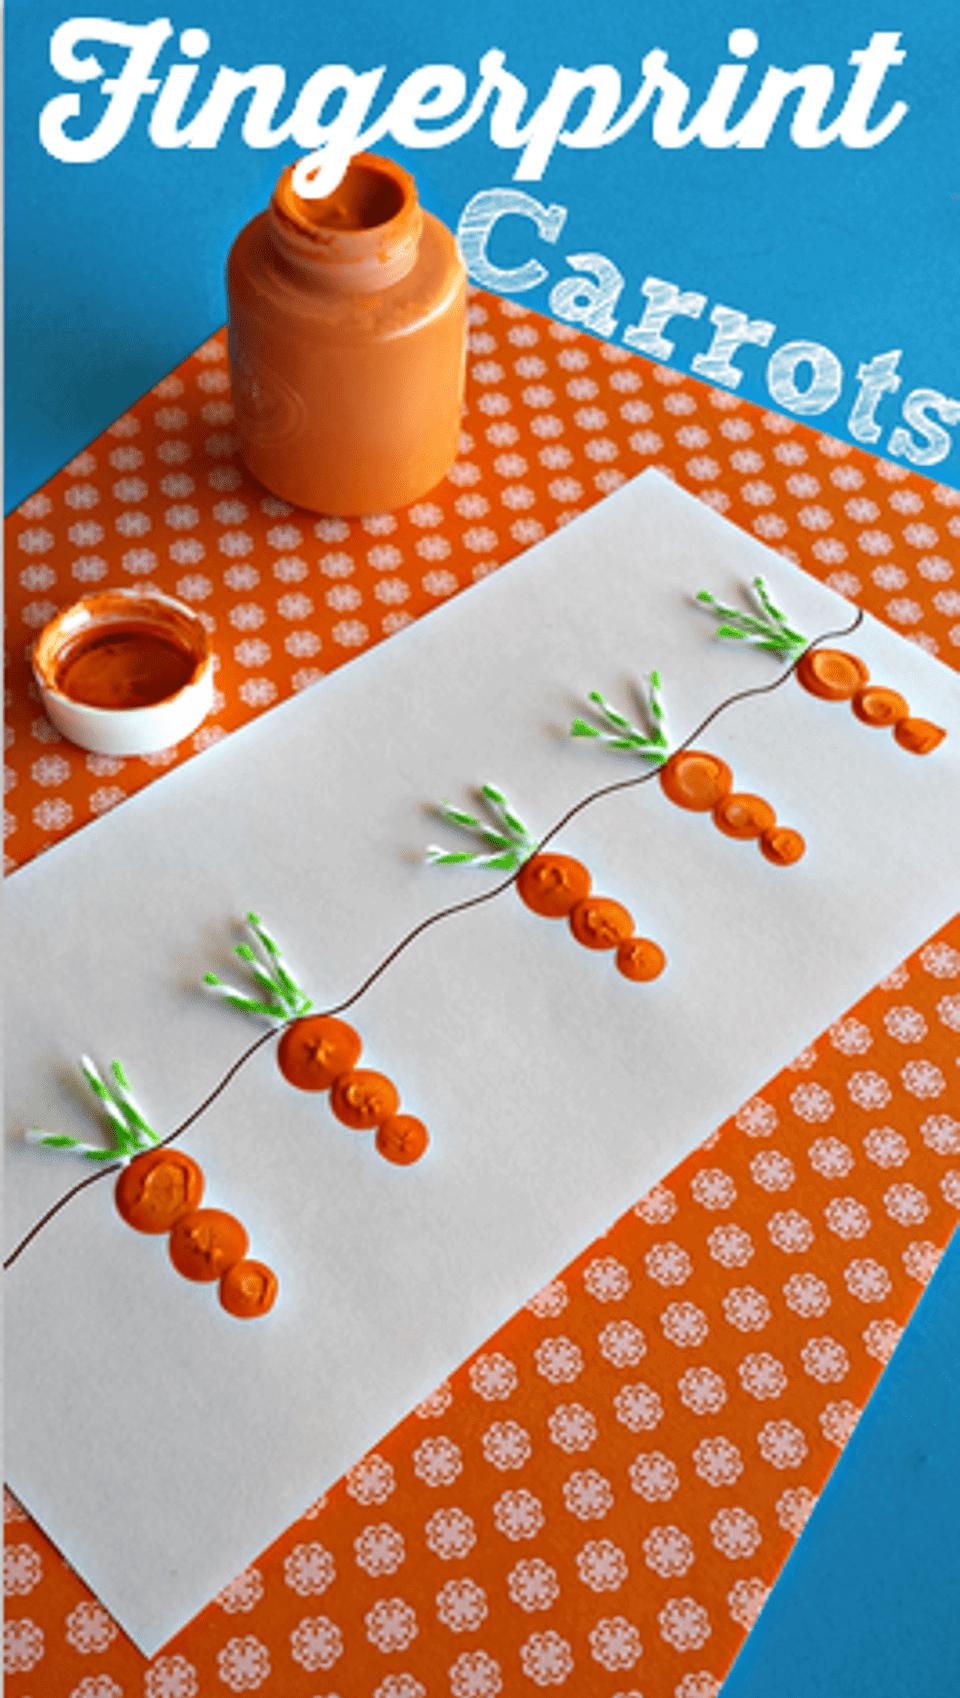 DIY Crafts for Kids with Fingerprints